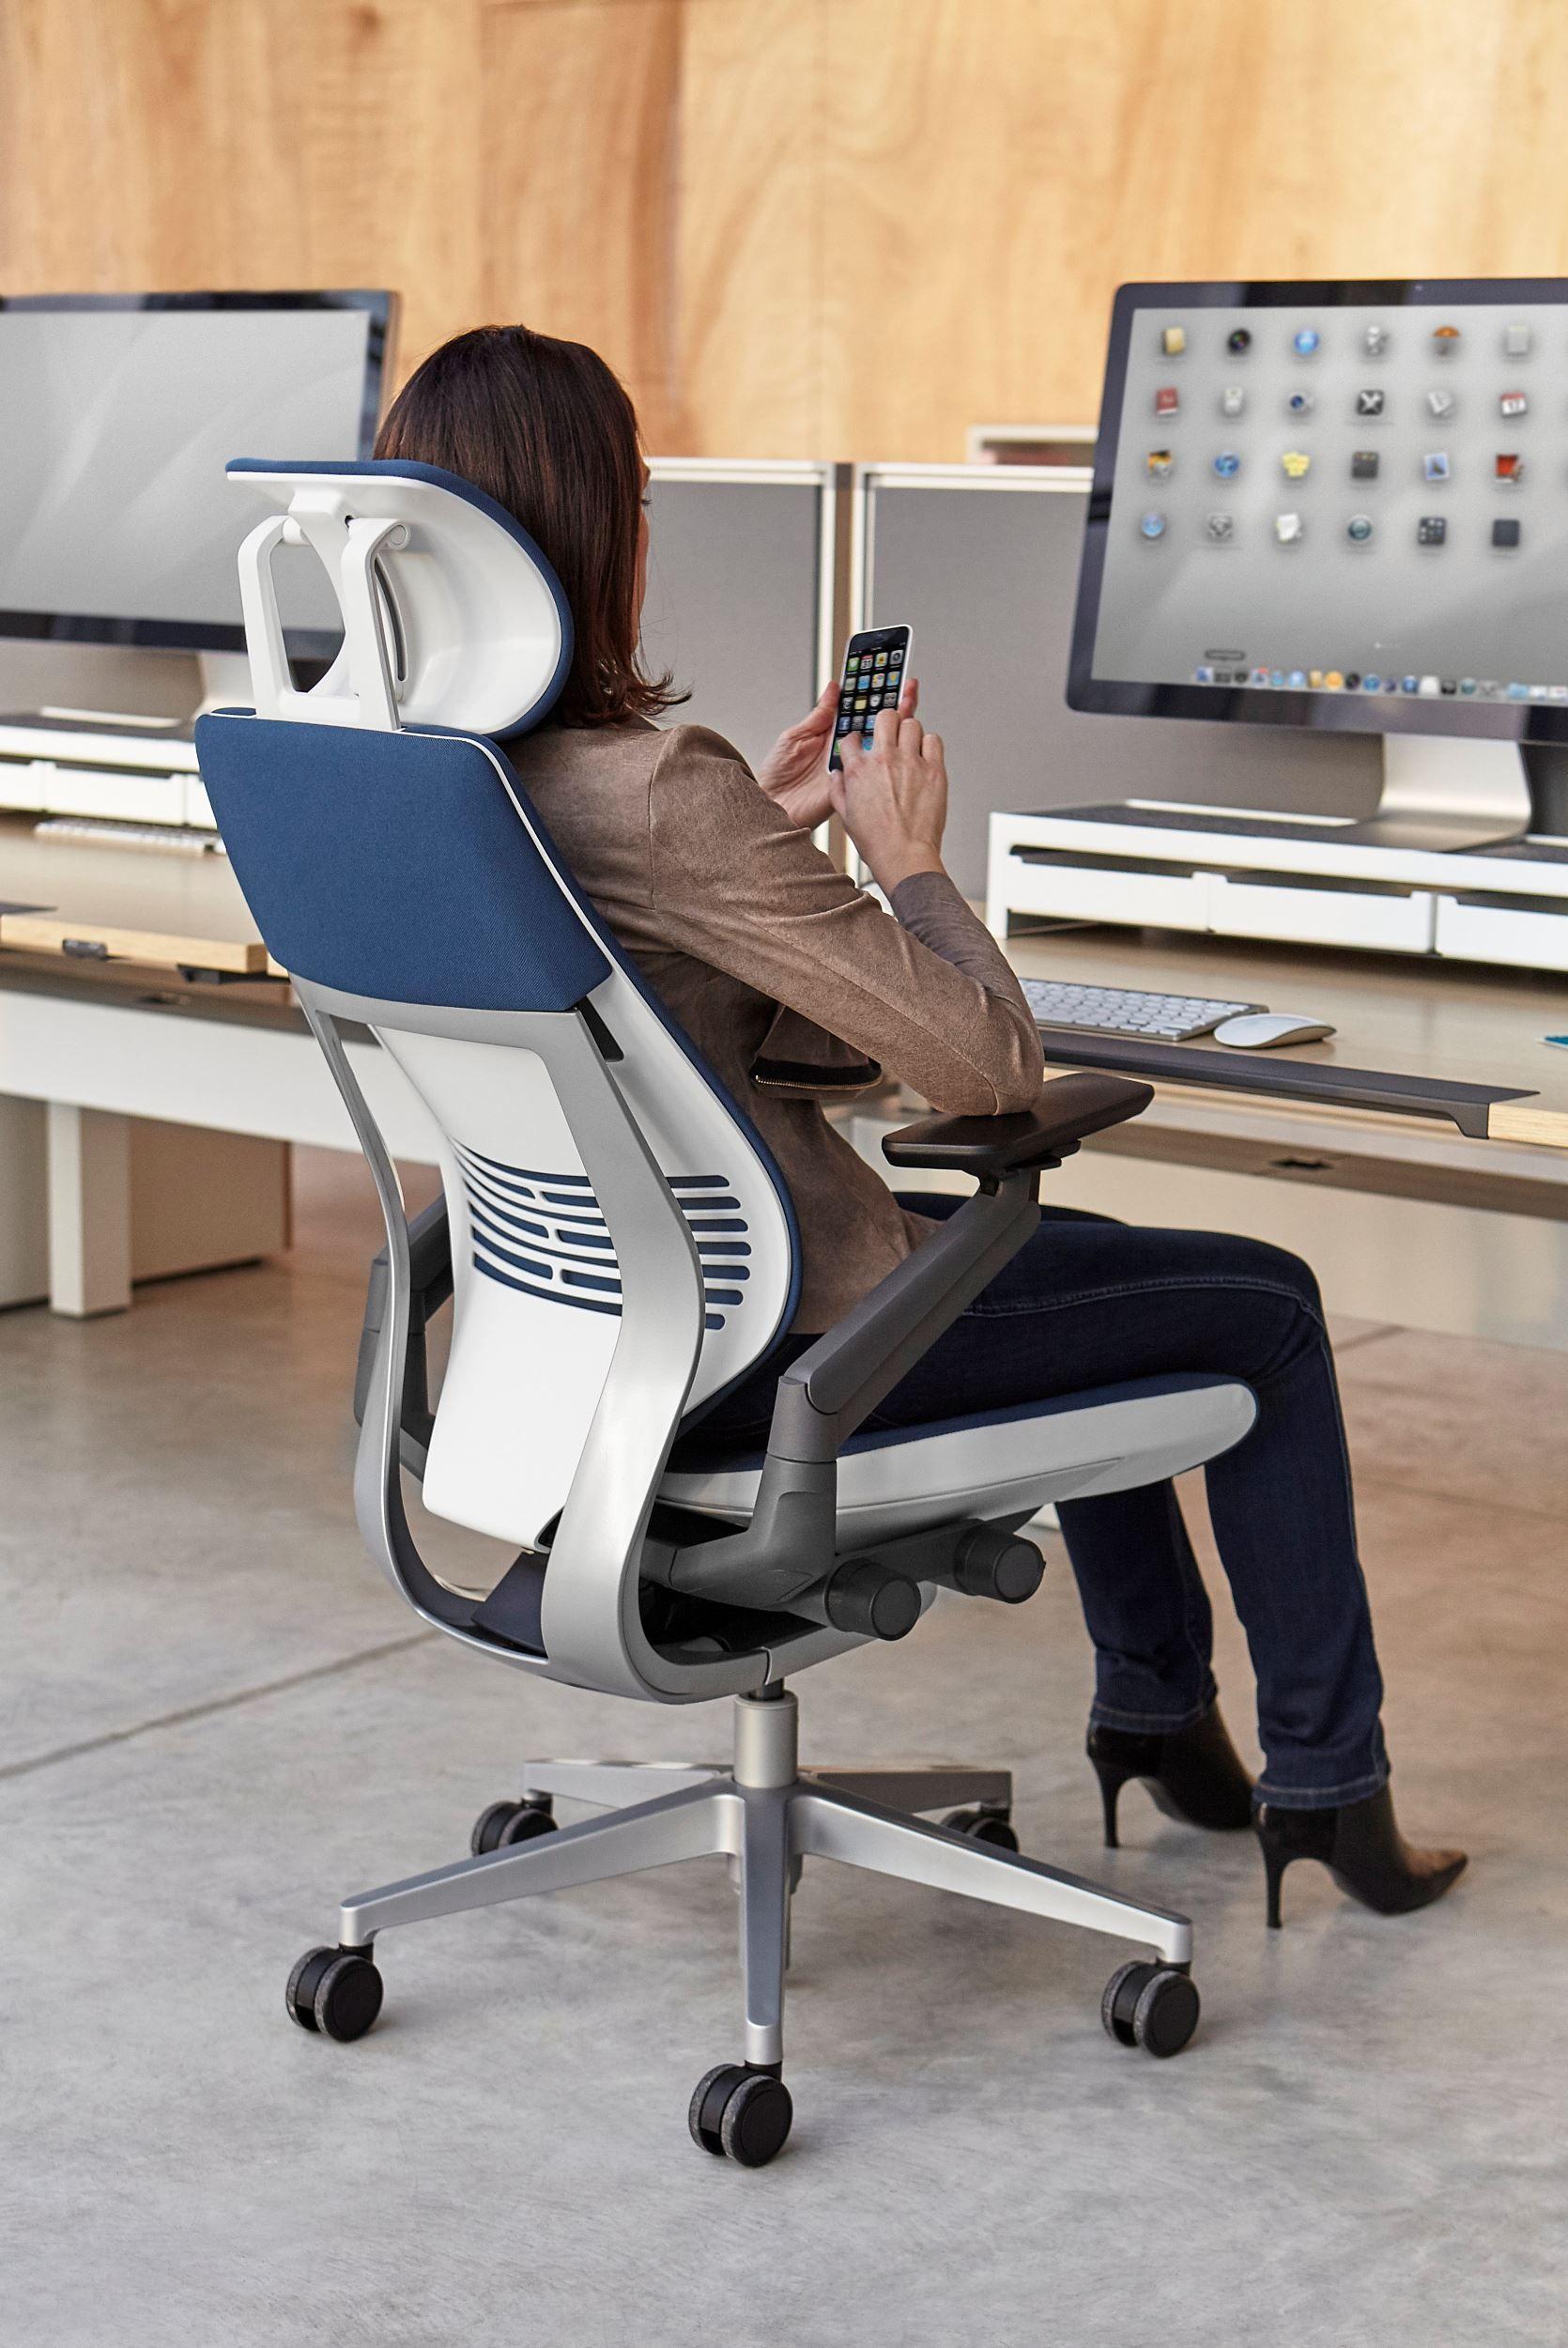 Gesture Headrest Steelcase Works Chair Working